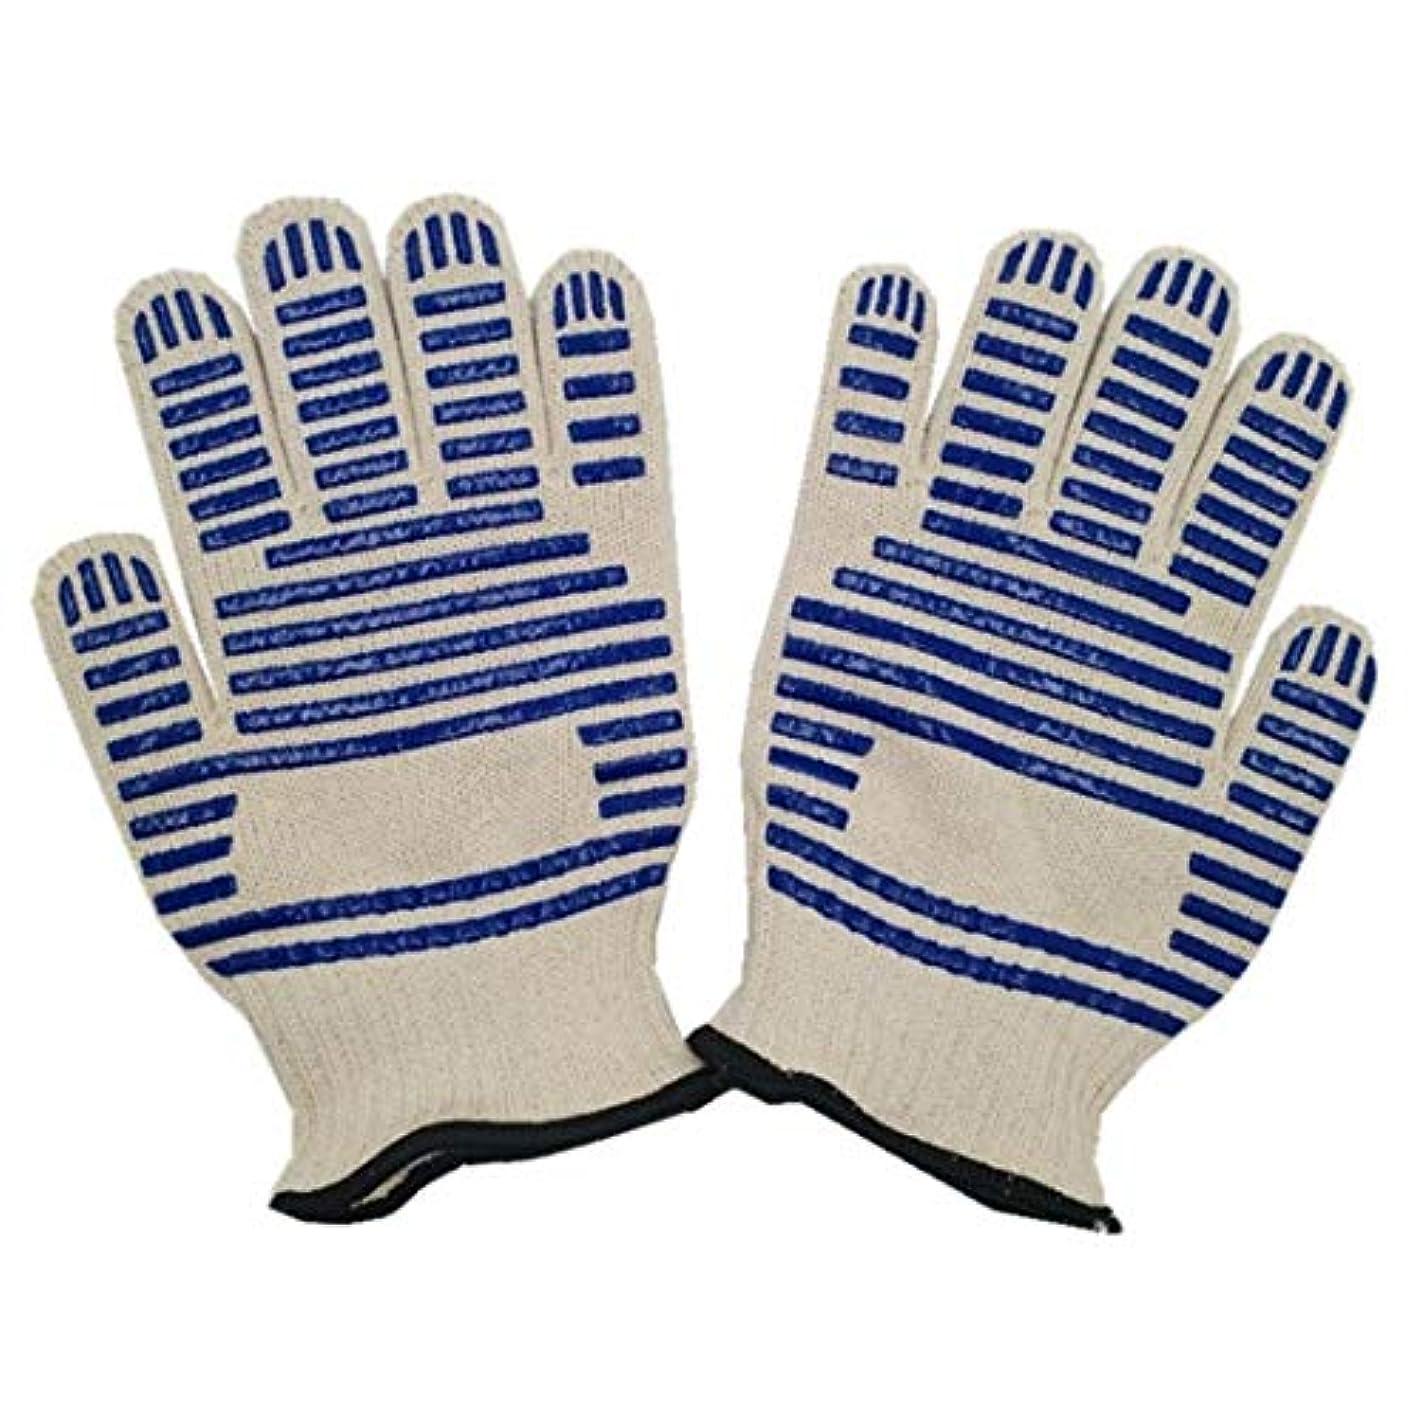 気難しい取るビジュアルOWNFSKNL 高温耐熱手袋、屋外キャンプ用手袋、ポリエステル/綿手袋